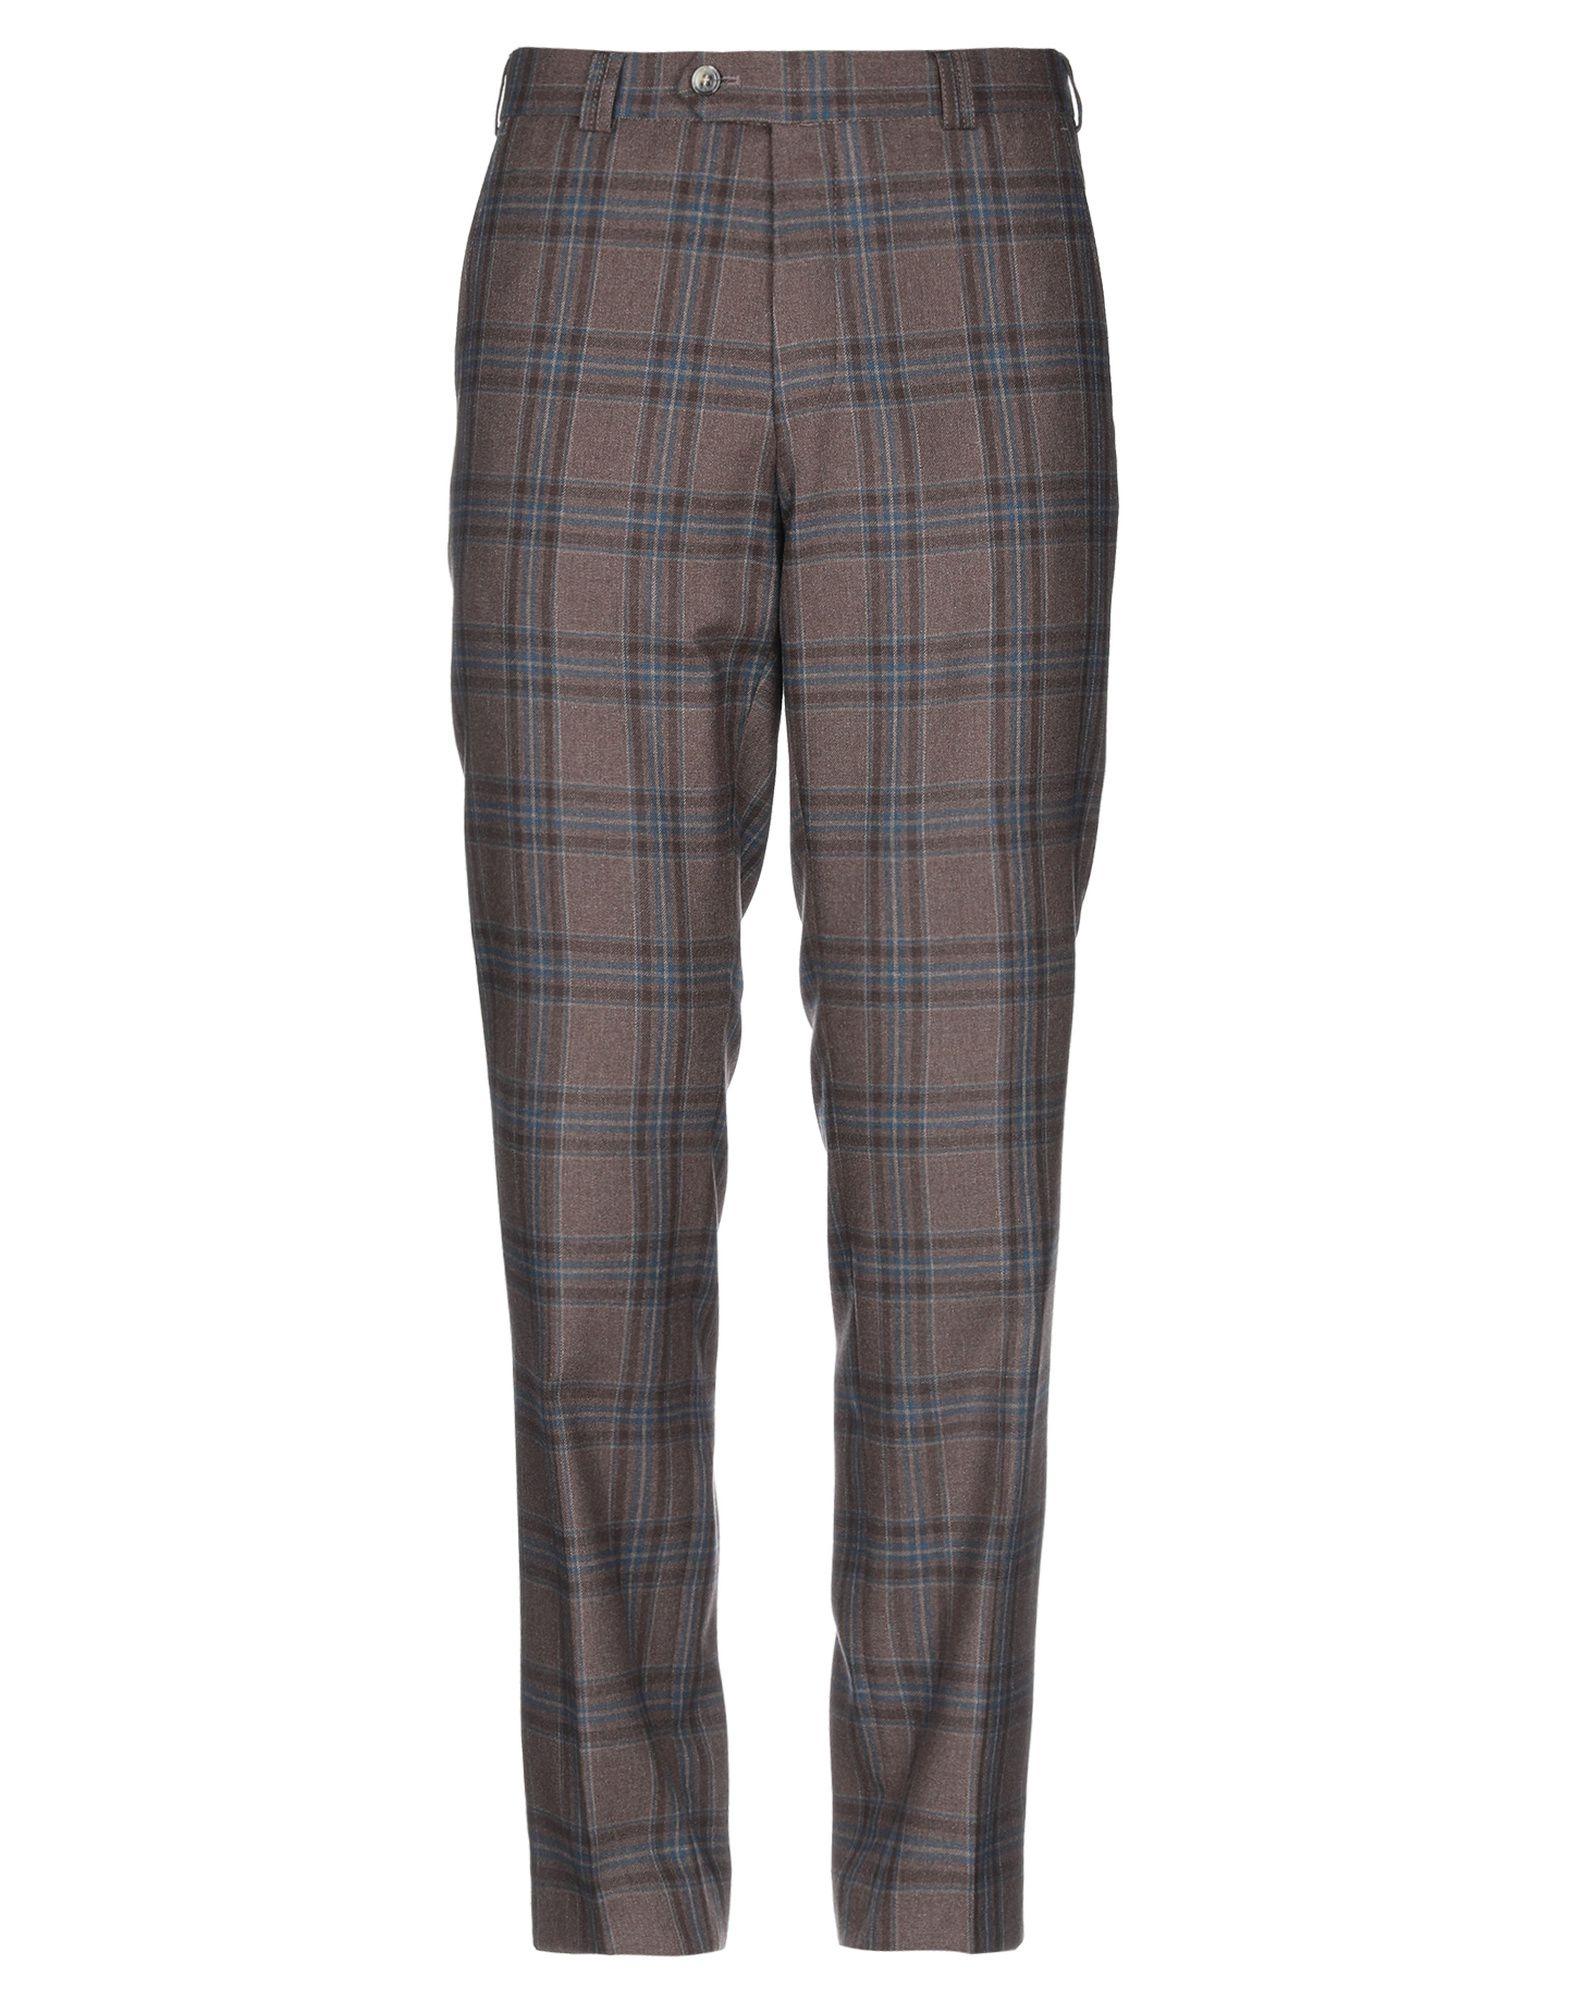 цены на MEYER Повседневные брюки в интернет-магазинах